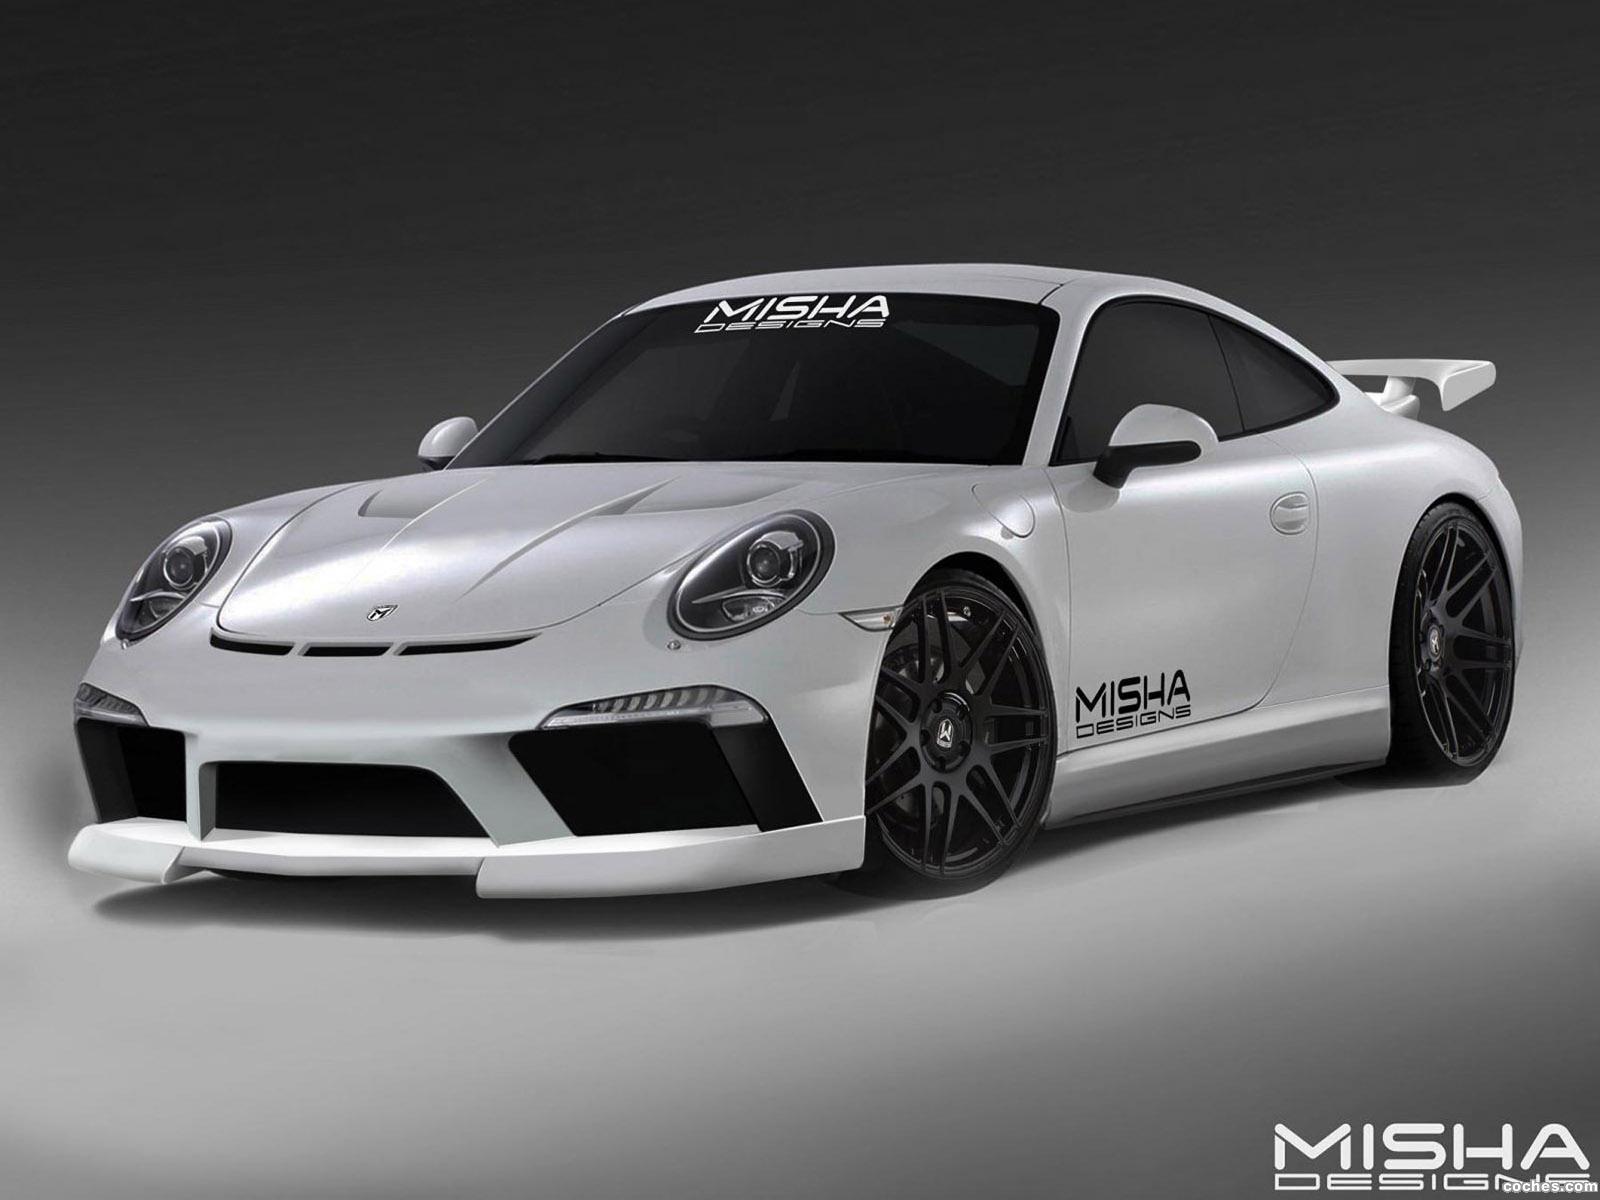 Foto 0 de Misha Porsche 911 2013